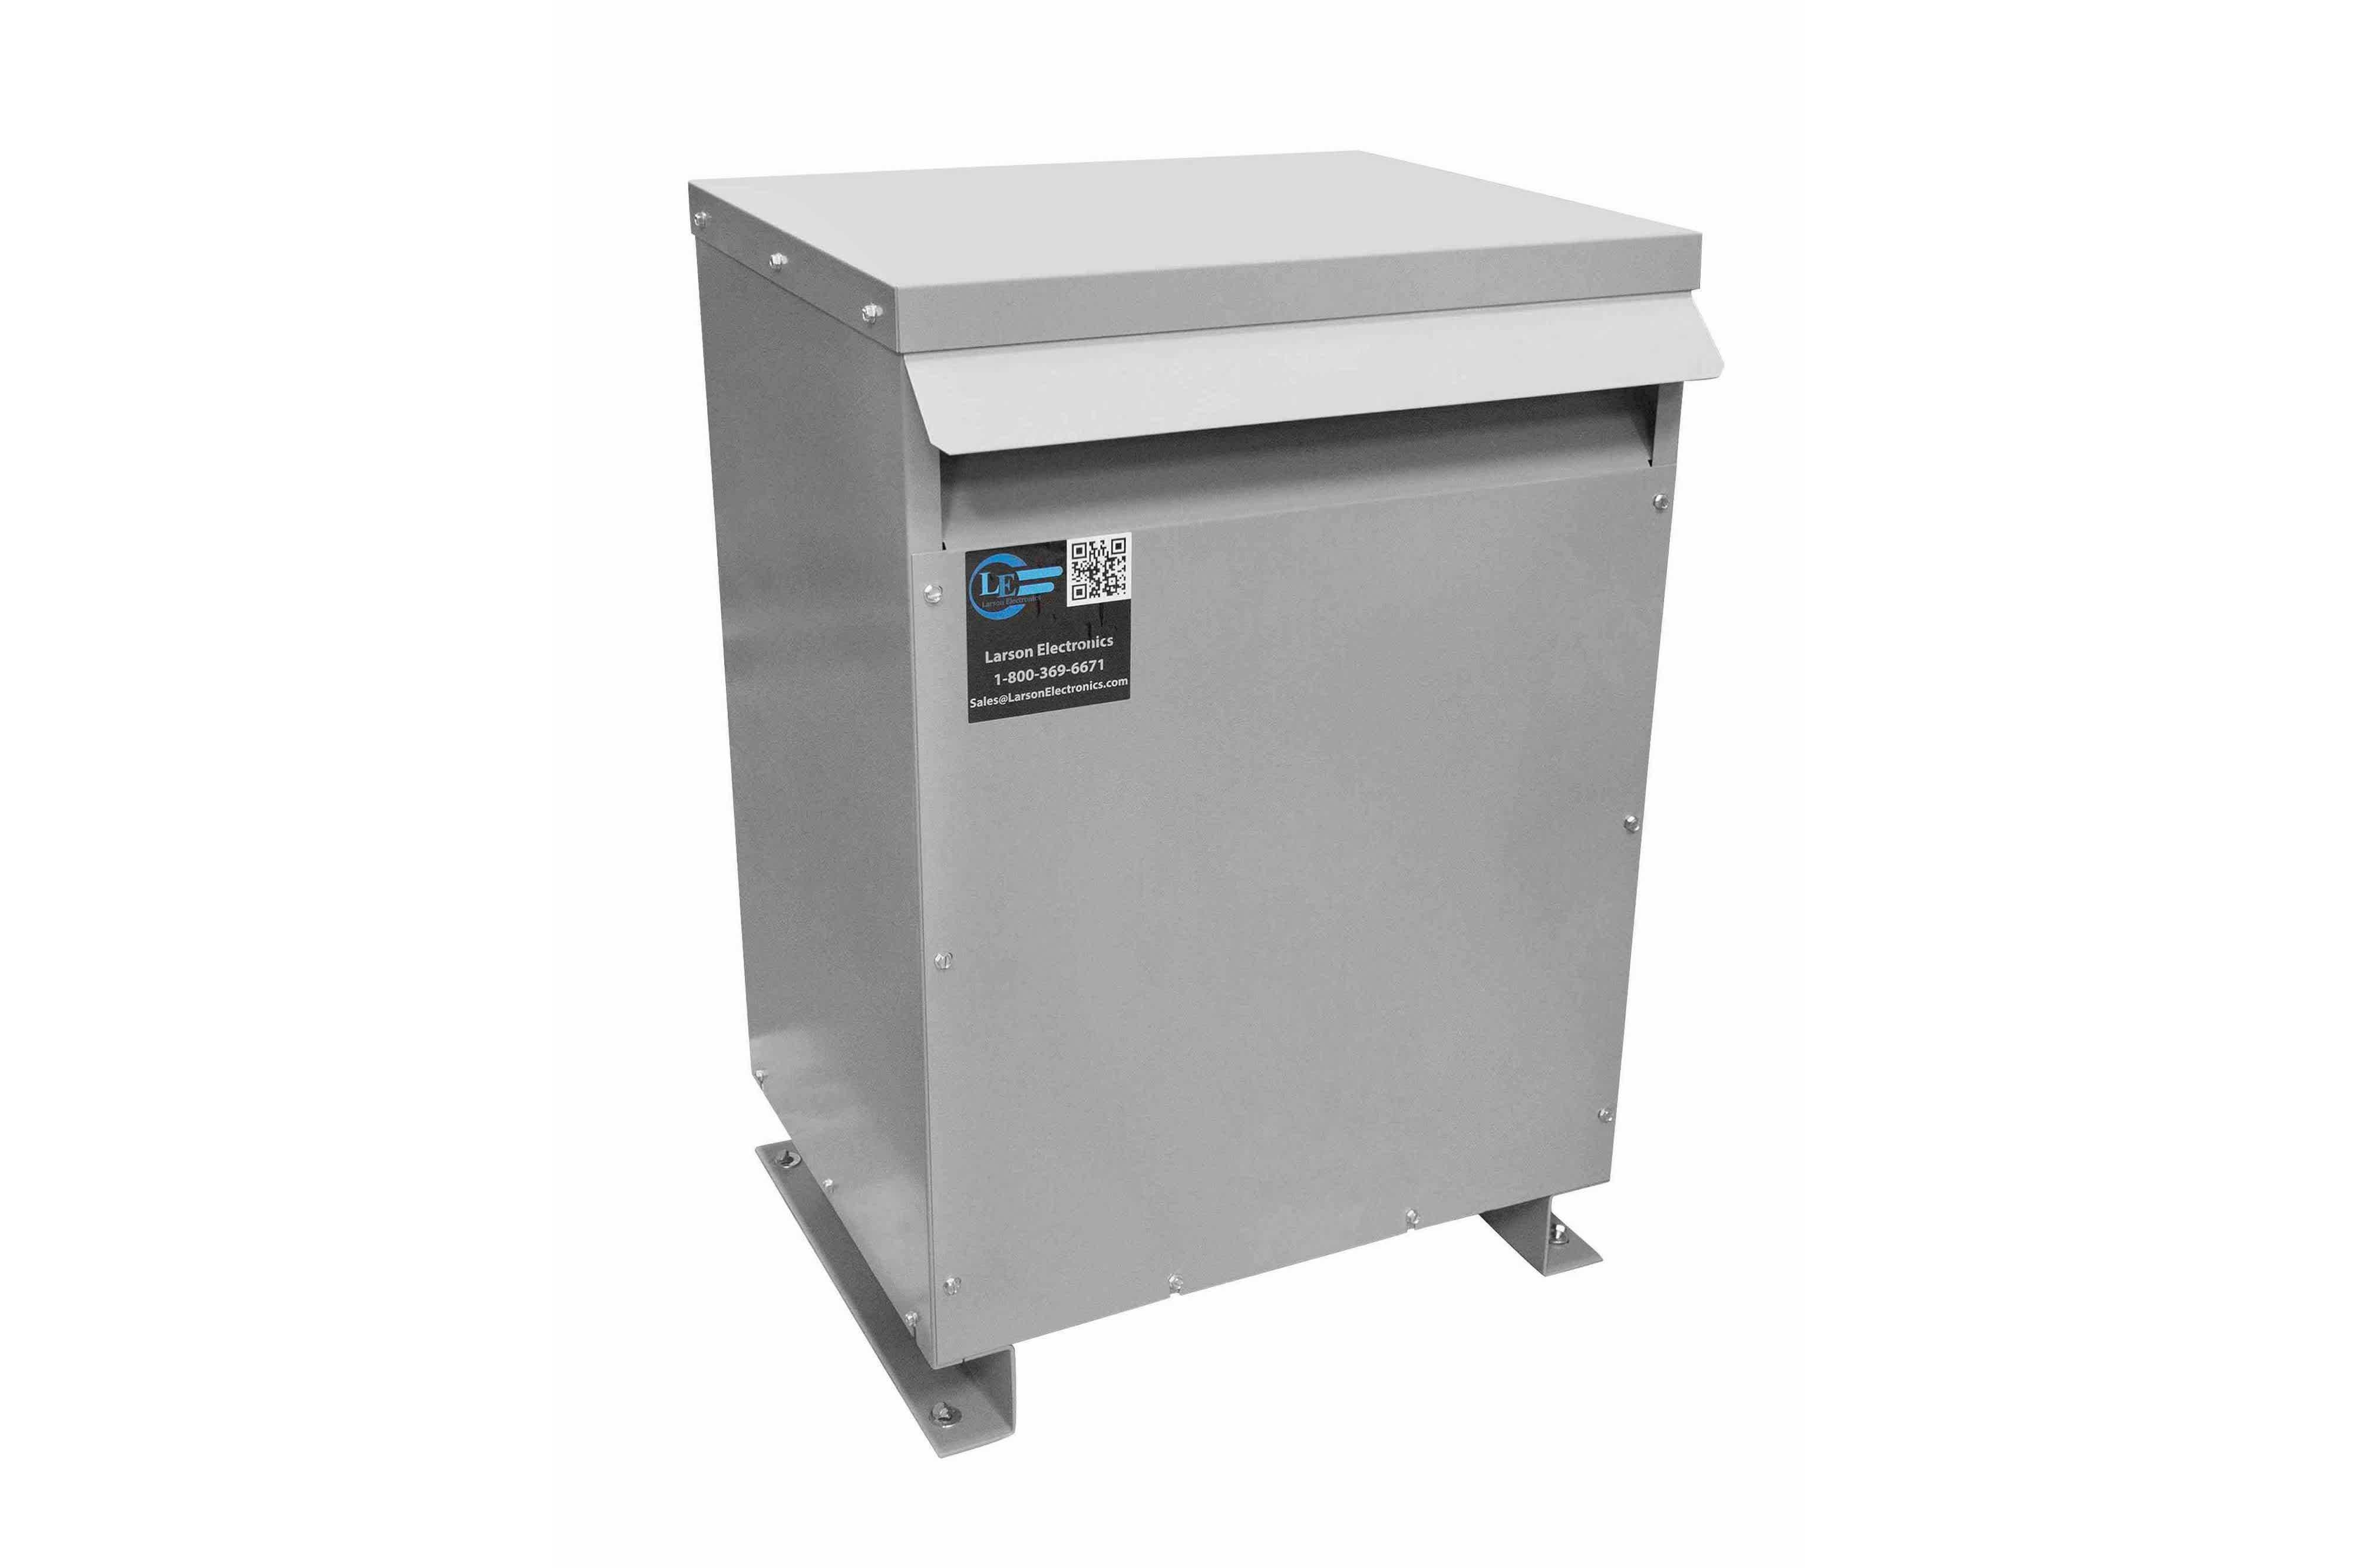 167 kVA 3PH Isolation Transformer, 480V Delta Primary, 575V Delta Secondary, N3R, Ventilated, 60 Hz